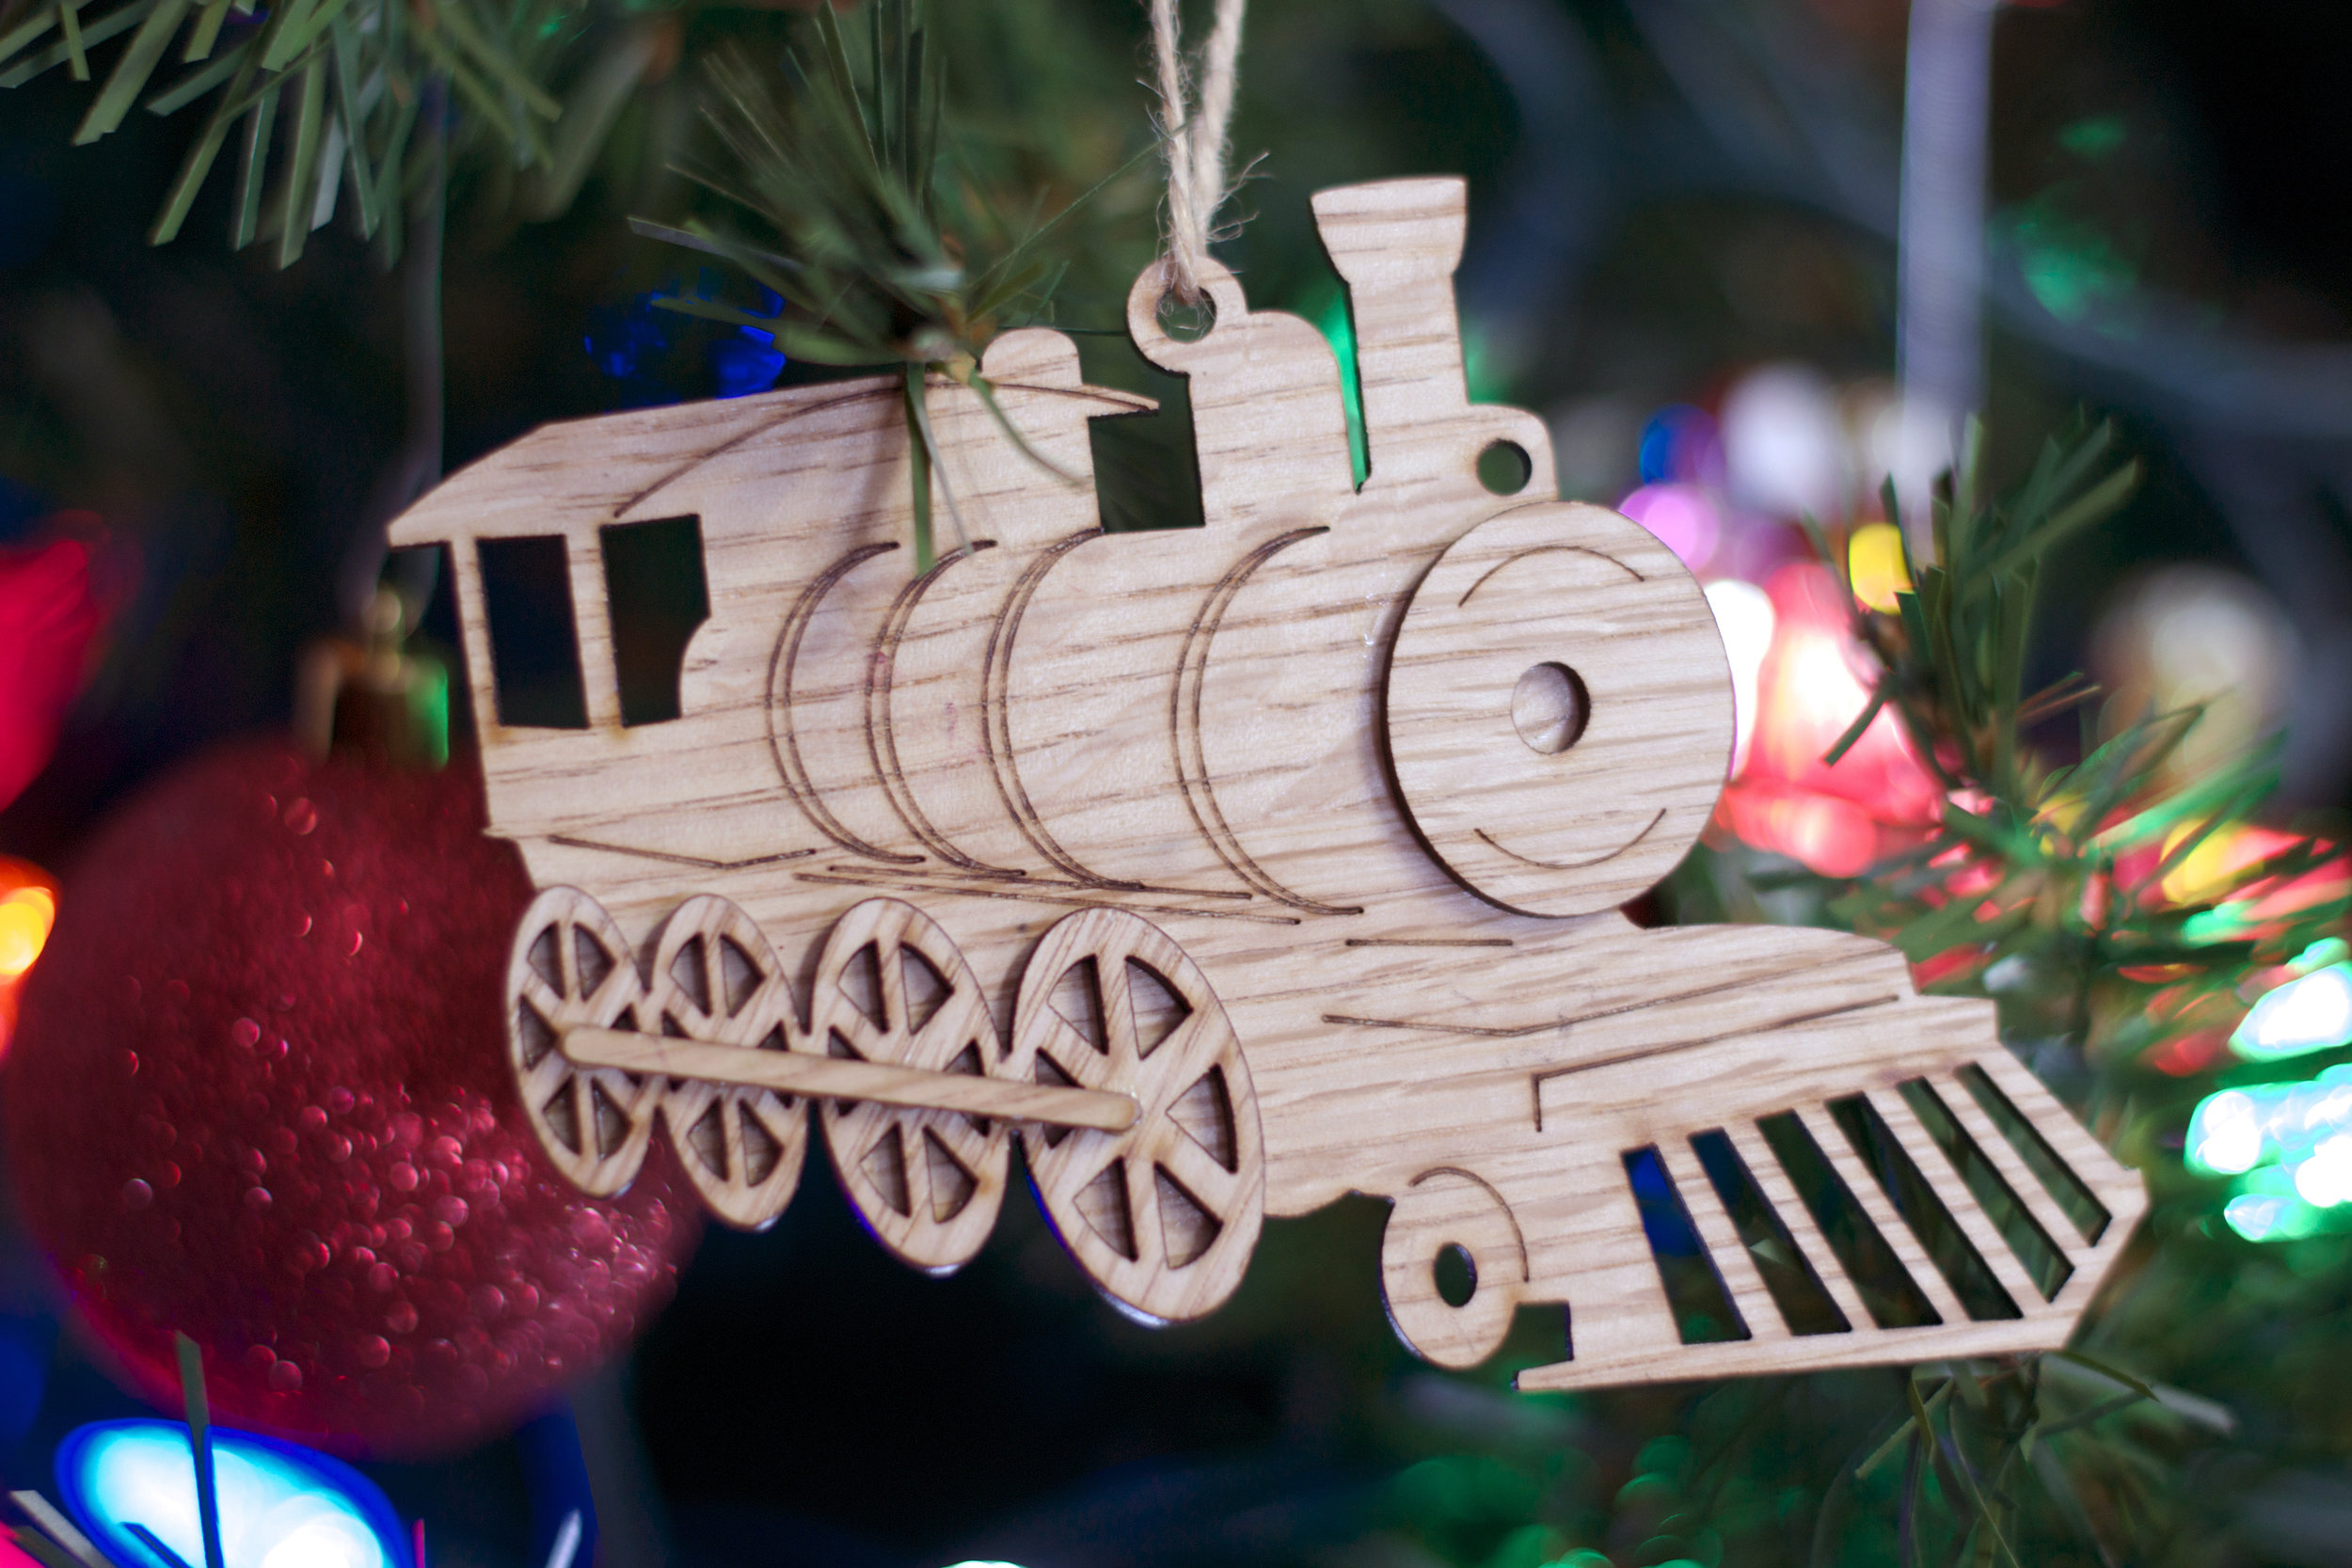 wooden-cutout-train-ornament.jpg